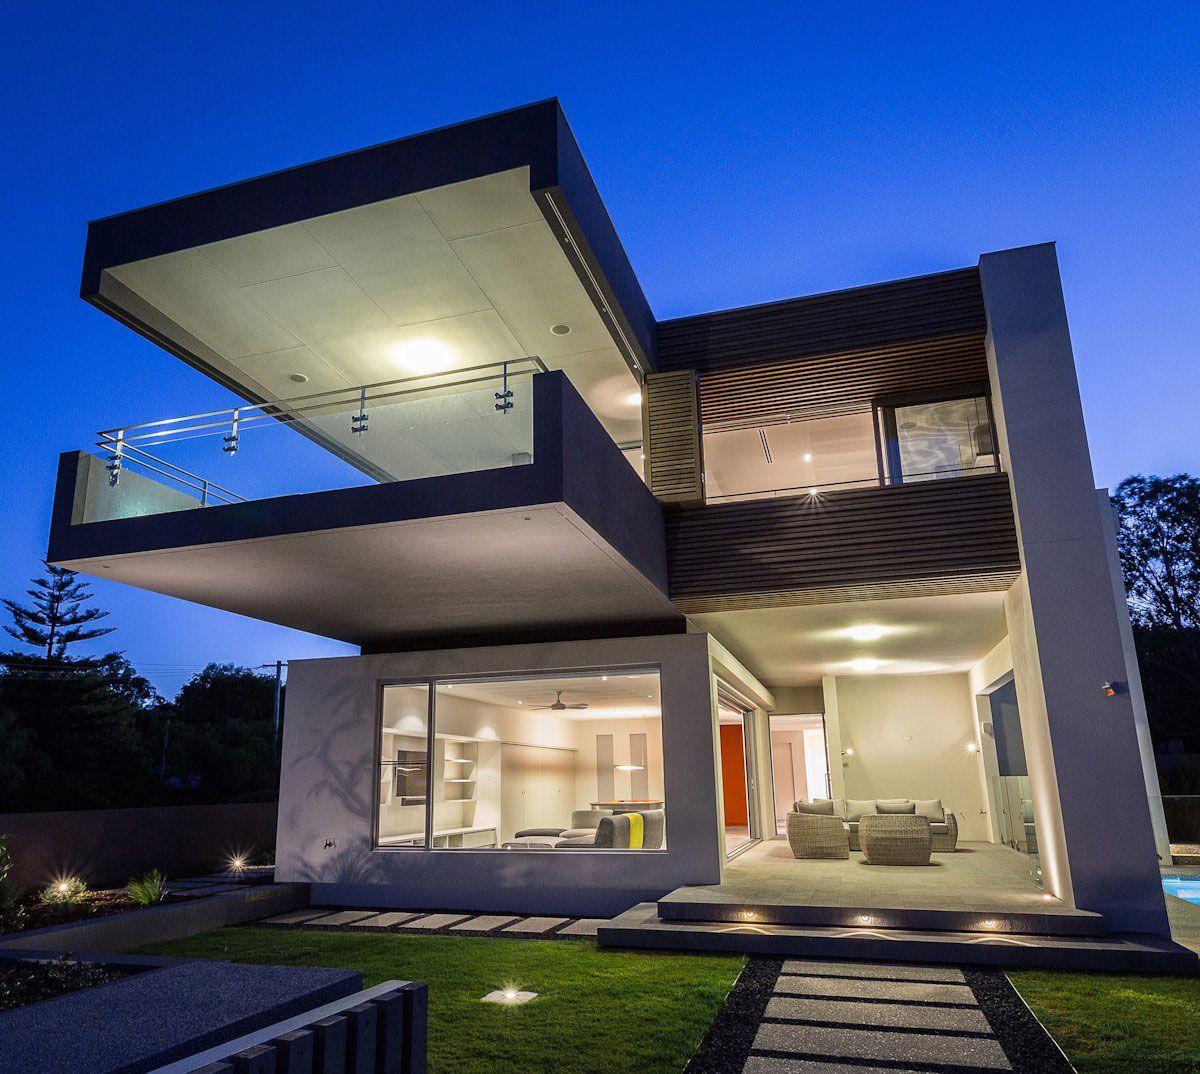 P048 By Dane Design Australia 18 Unique House Plans House Design Architecture